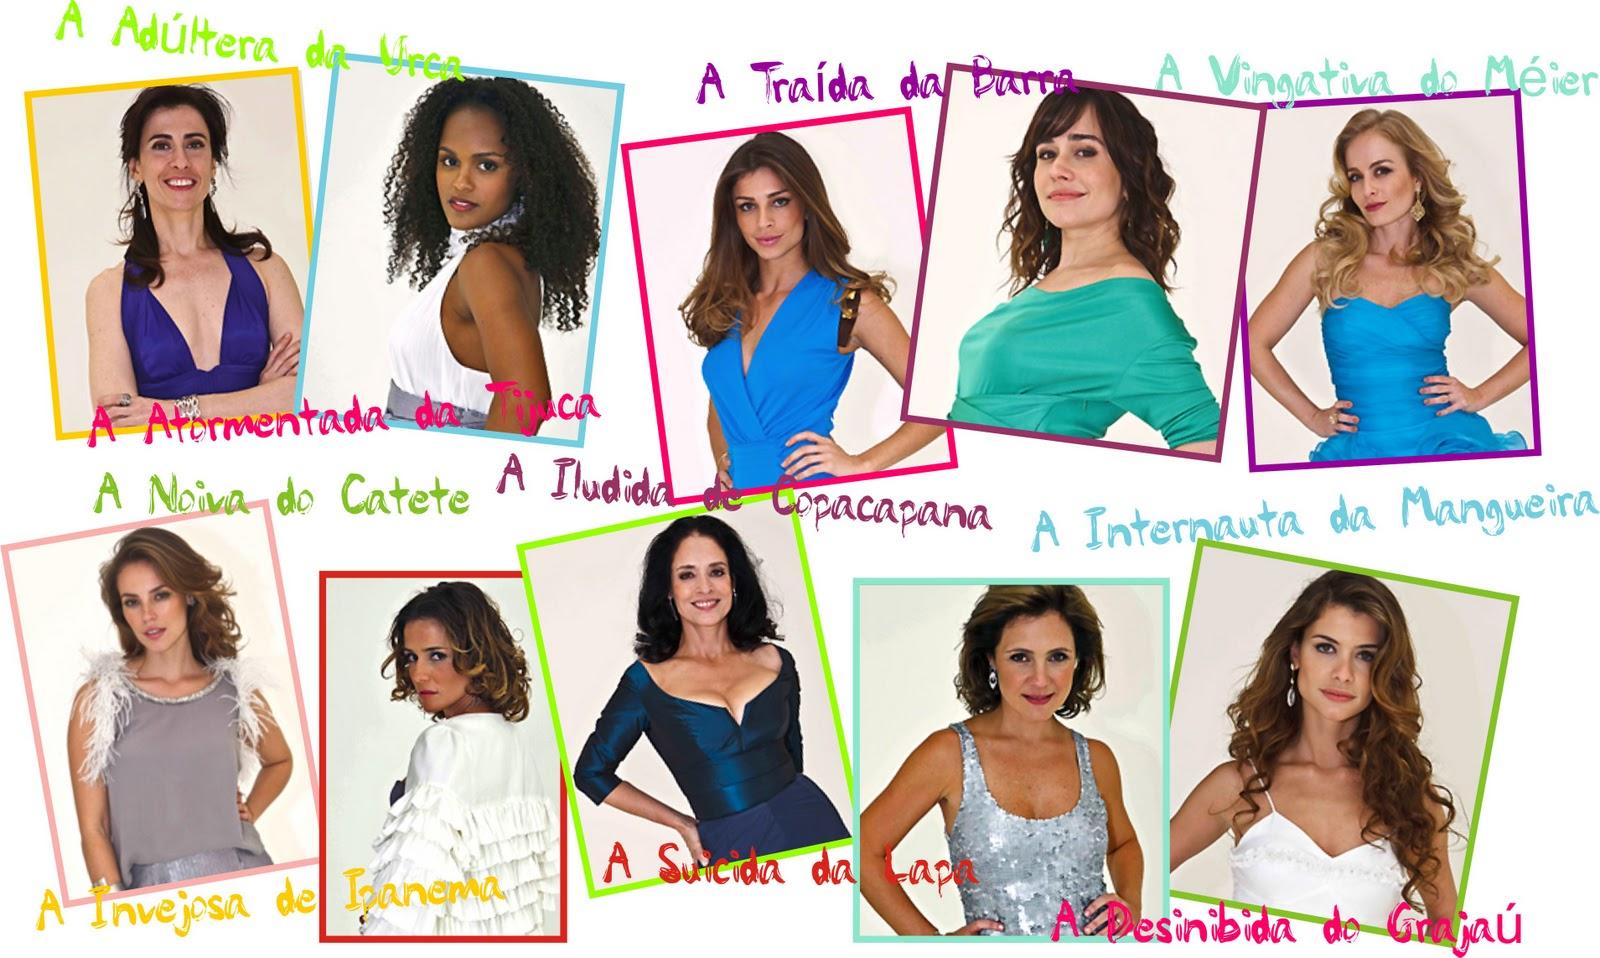 http://3.bp.blogspot.com/_-PJJ6kItjm8/TOVzCsfRSlI/AAAAAAAAANM/fQXHuyT9tAU/s1600/cariocas.jpg